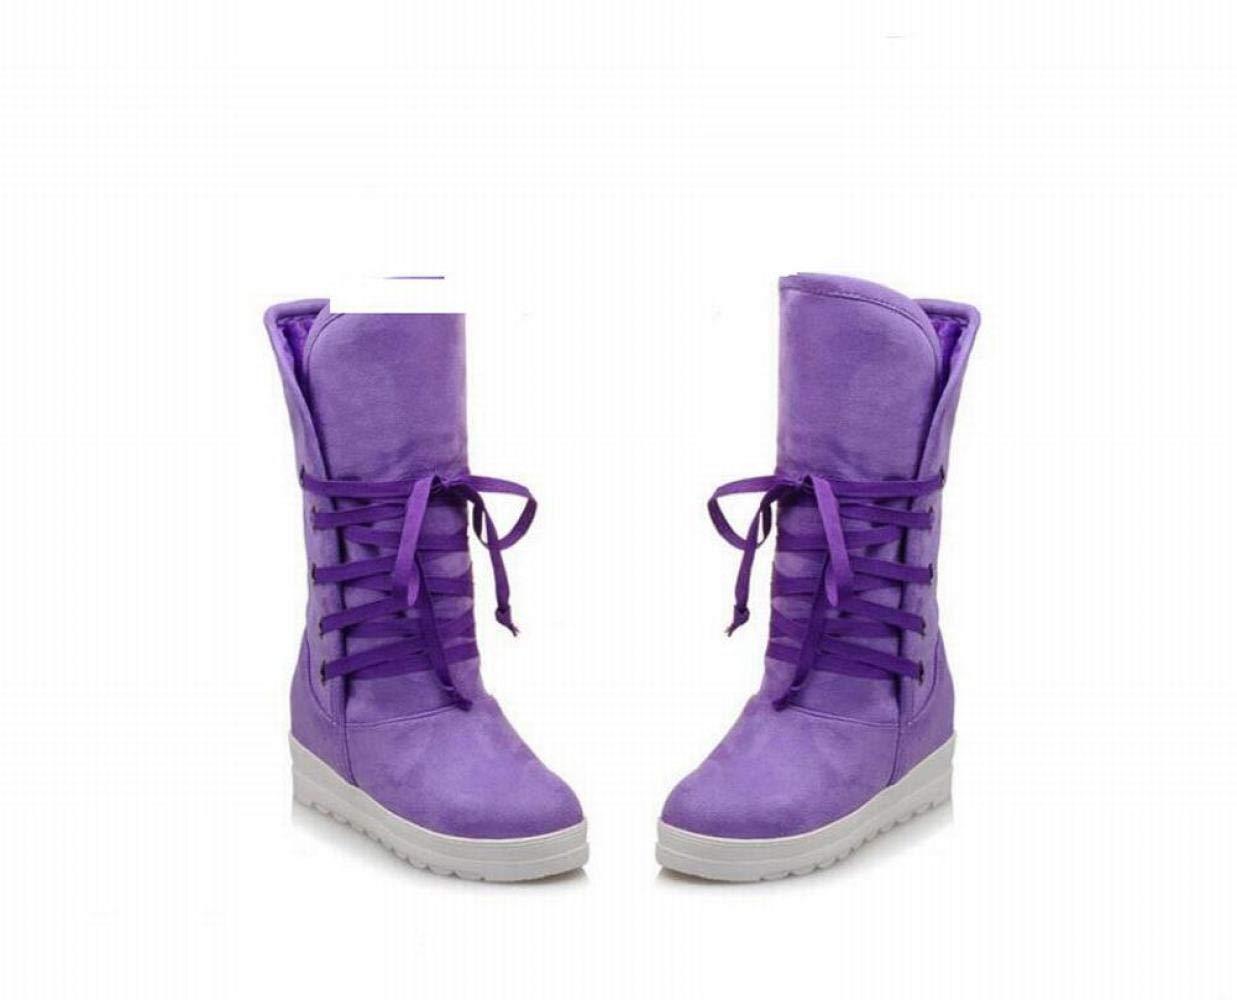 Damenstiefel - Matte Wildleder Im Rohr Schnee Stiefel Winter Dicke Warme Rutschfeste Student Schuhe Baumwolle Schuhe   34-43 Lila 43